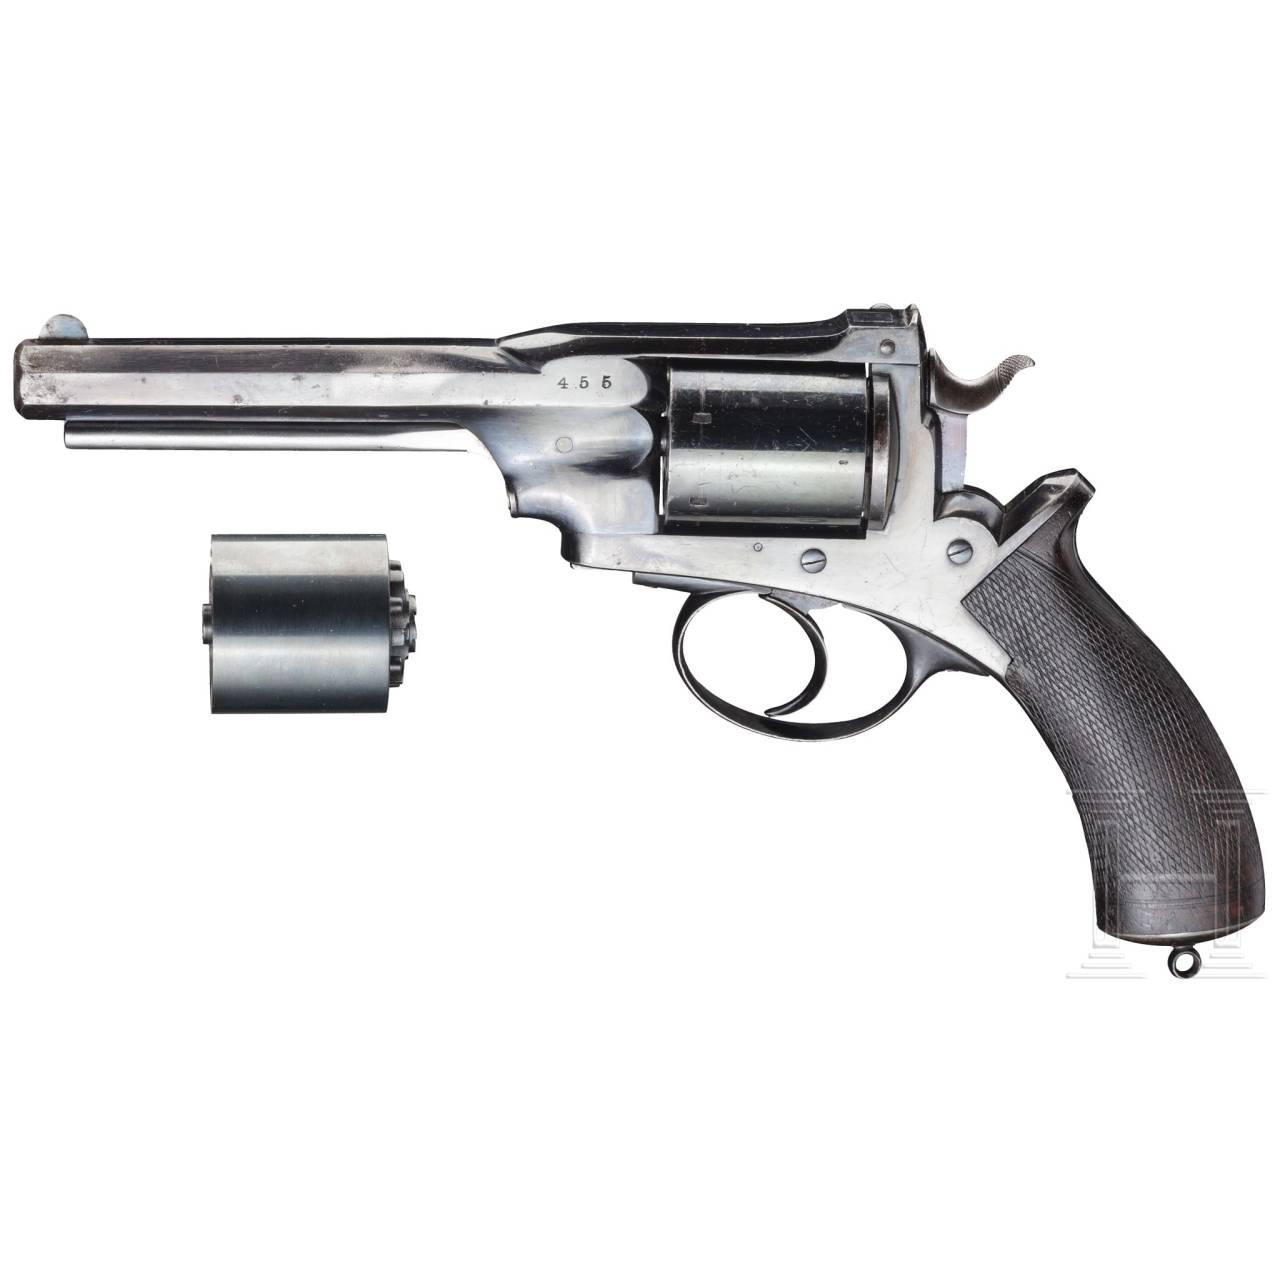 Dean-Harding Dual System Revolver mit Wechseltrommel, um 1870